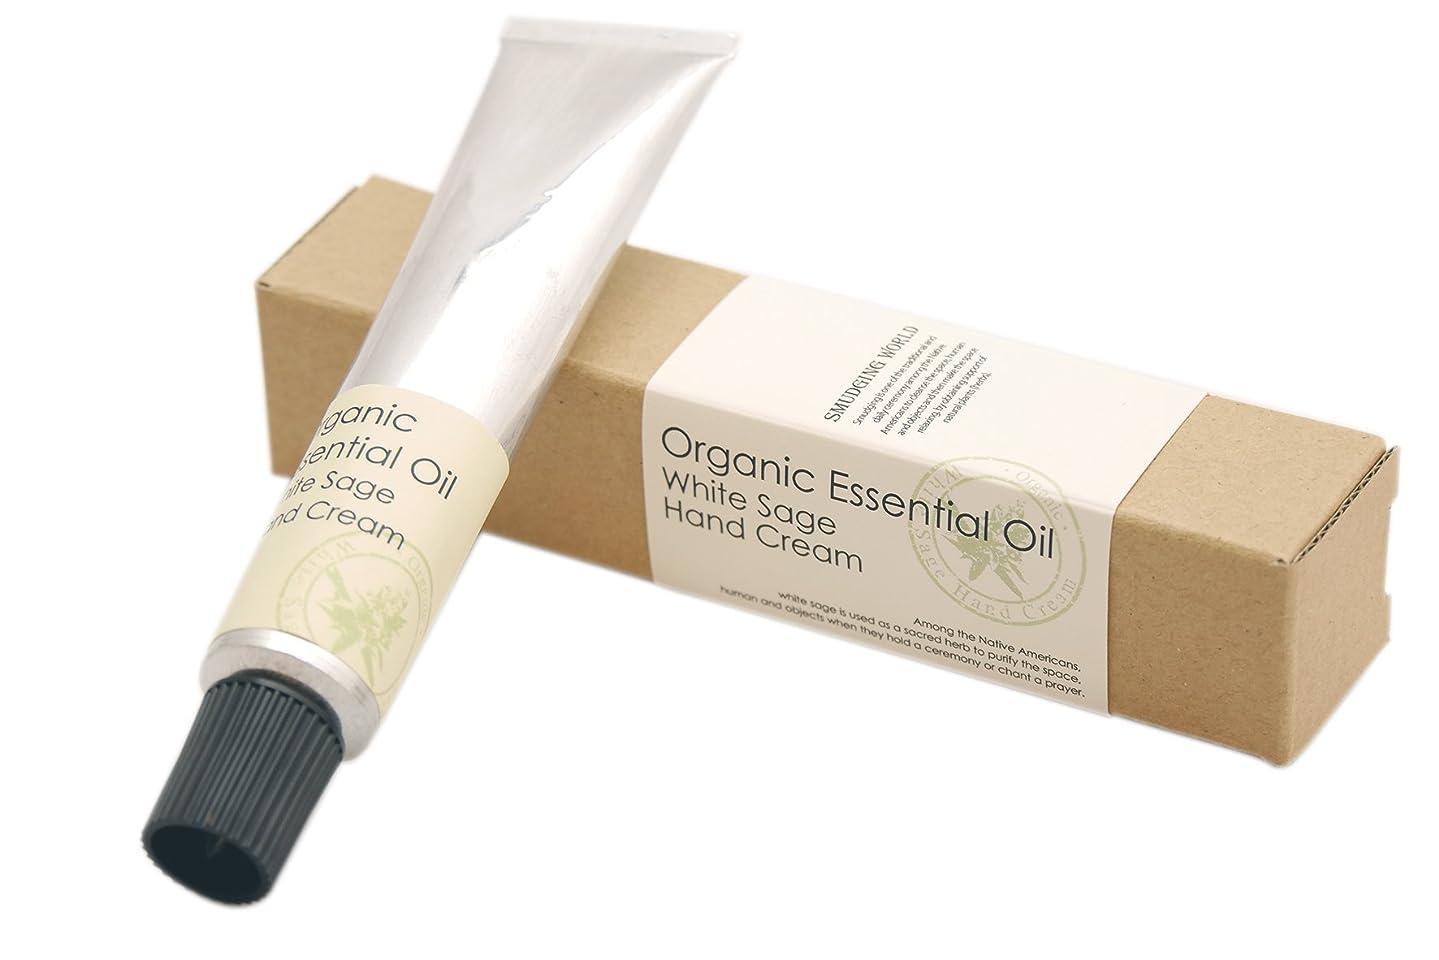 ハリケーンスケートアナログアロマレコルト ハンドクリーム ホワイトセージ 【White Sage】 オーガニック エッセンシャルオイル organic essential oil hand cream arome recolte